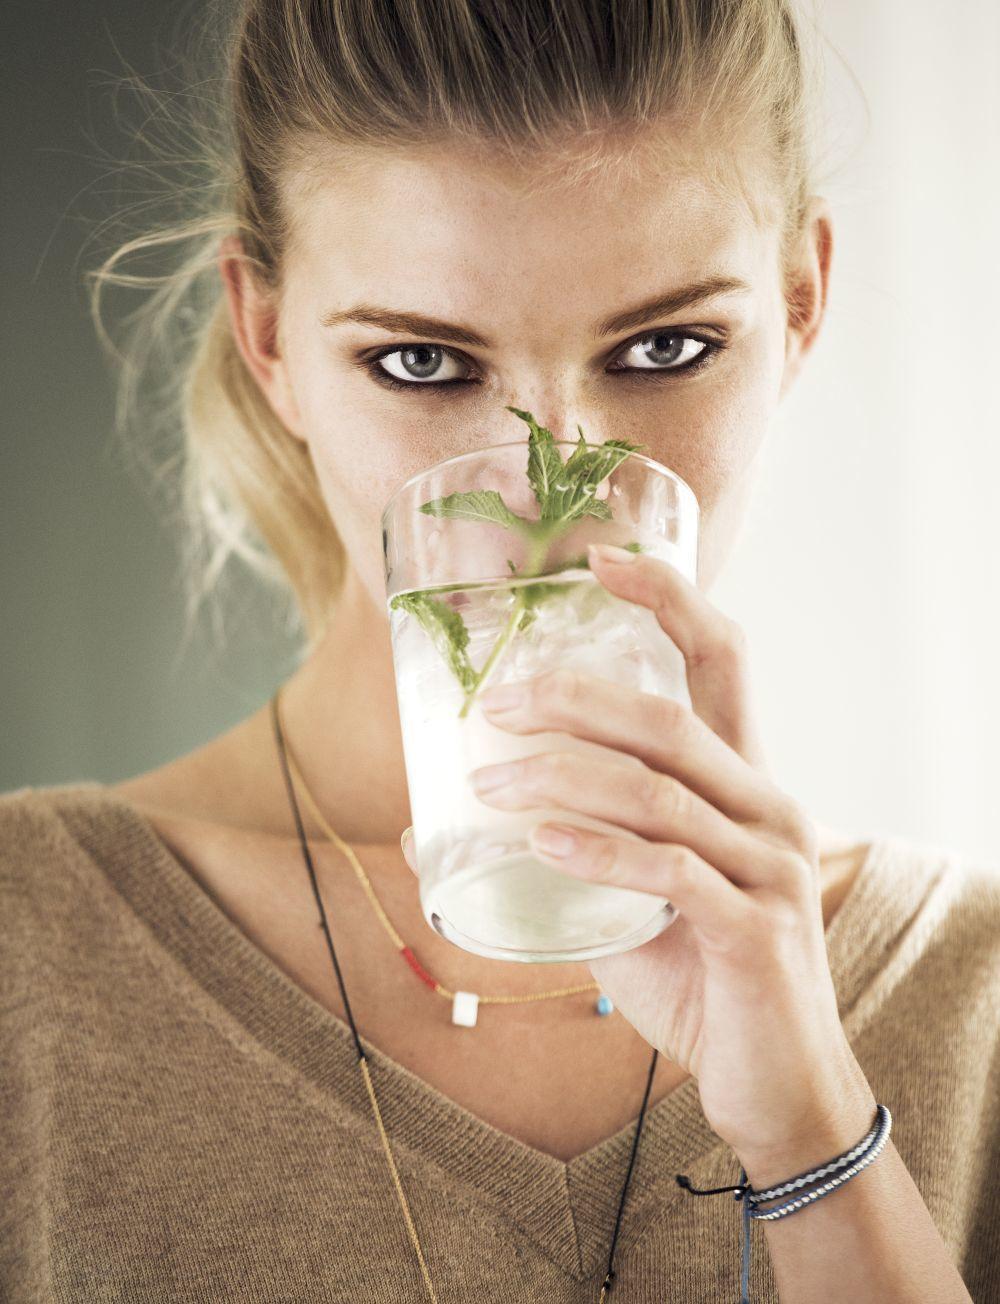 Una dieta equilibrada y una buena hidratación son fundamentales para prevenir los síntomas y combatir las enfermedades víricas como ésta.